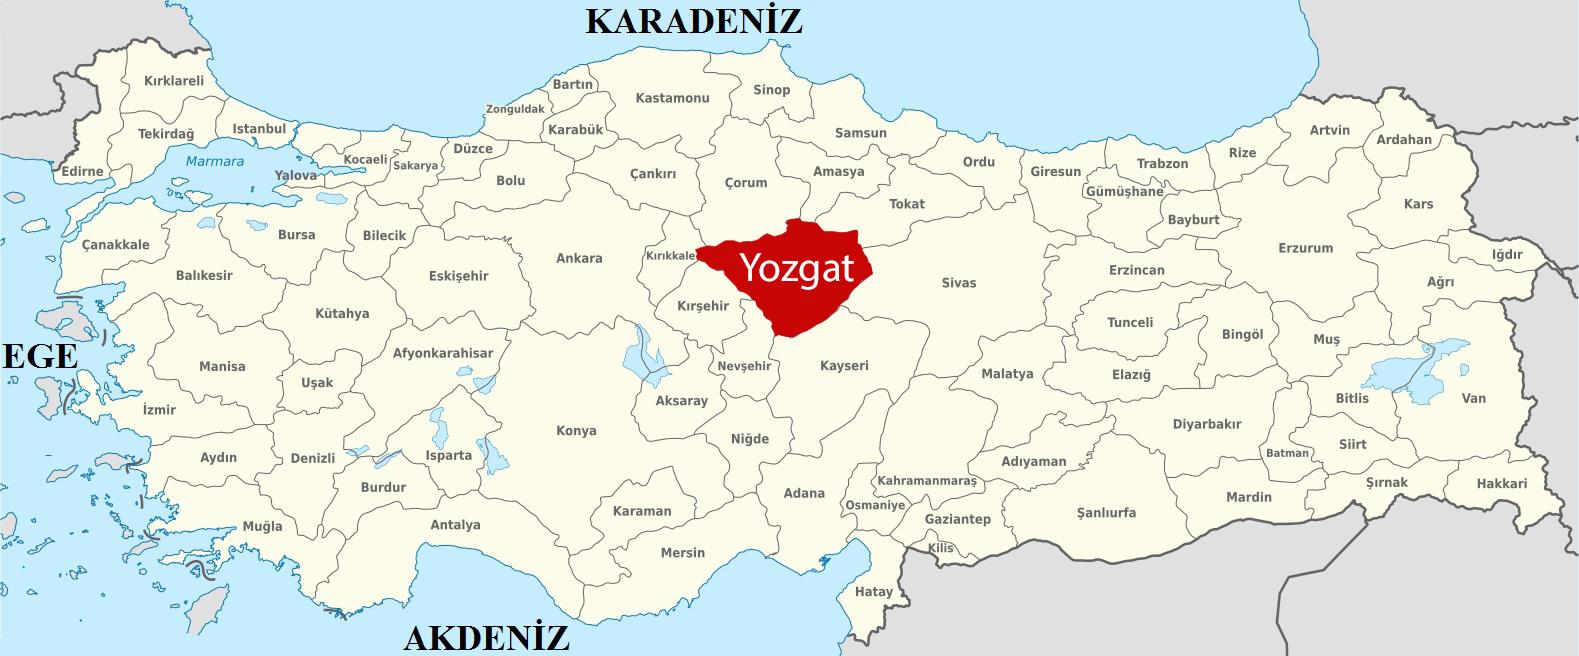 turkiye-haritasi-yozgat